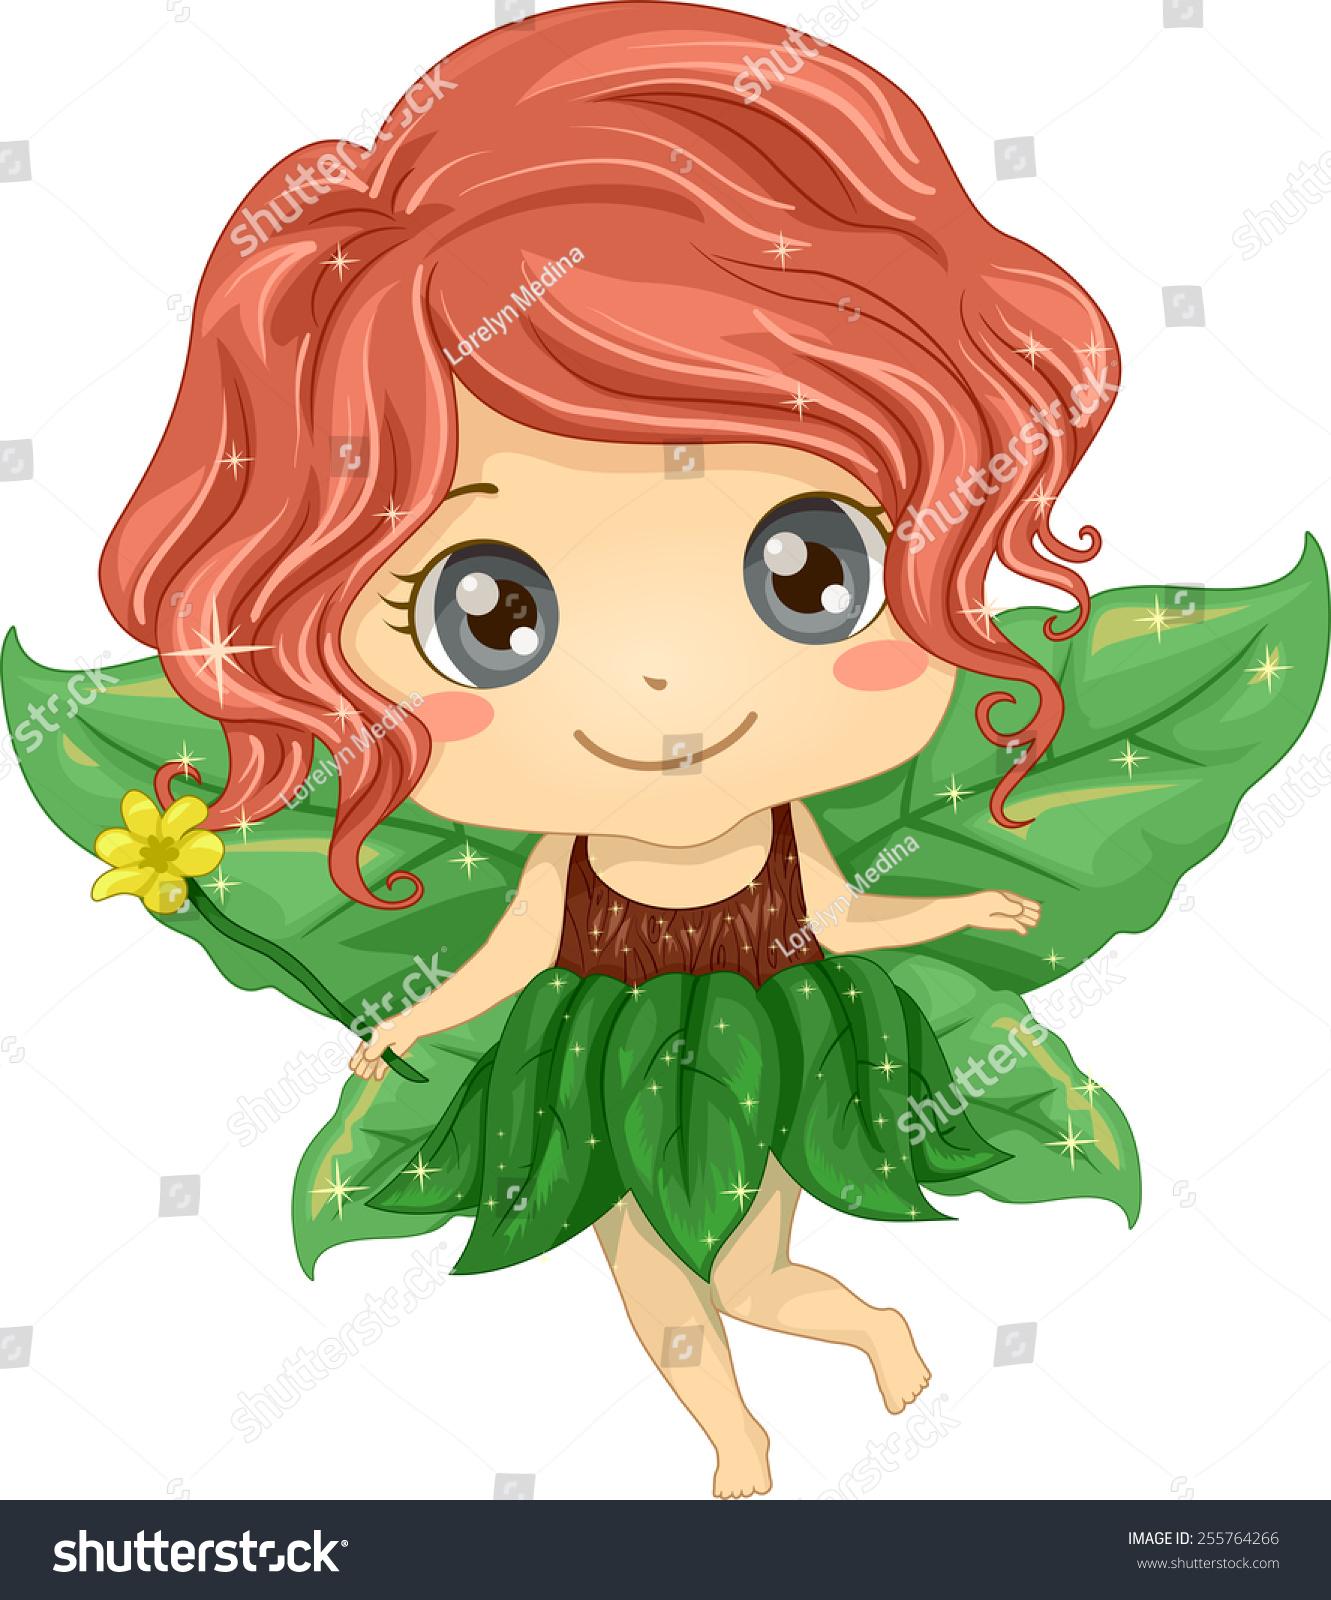 说明一个可爱的小女孩穿着仙女服装用树叶做成的